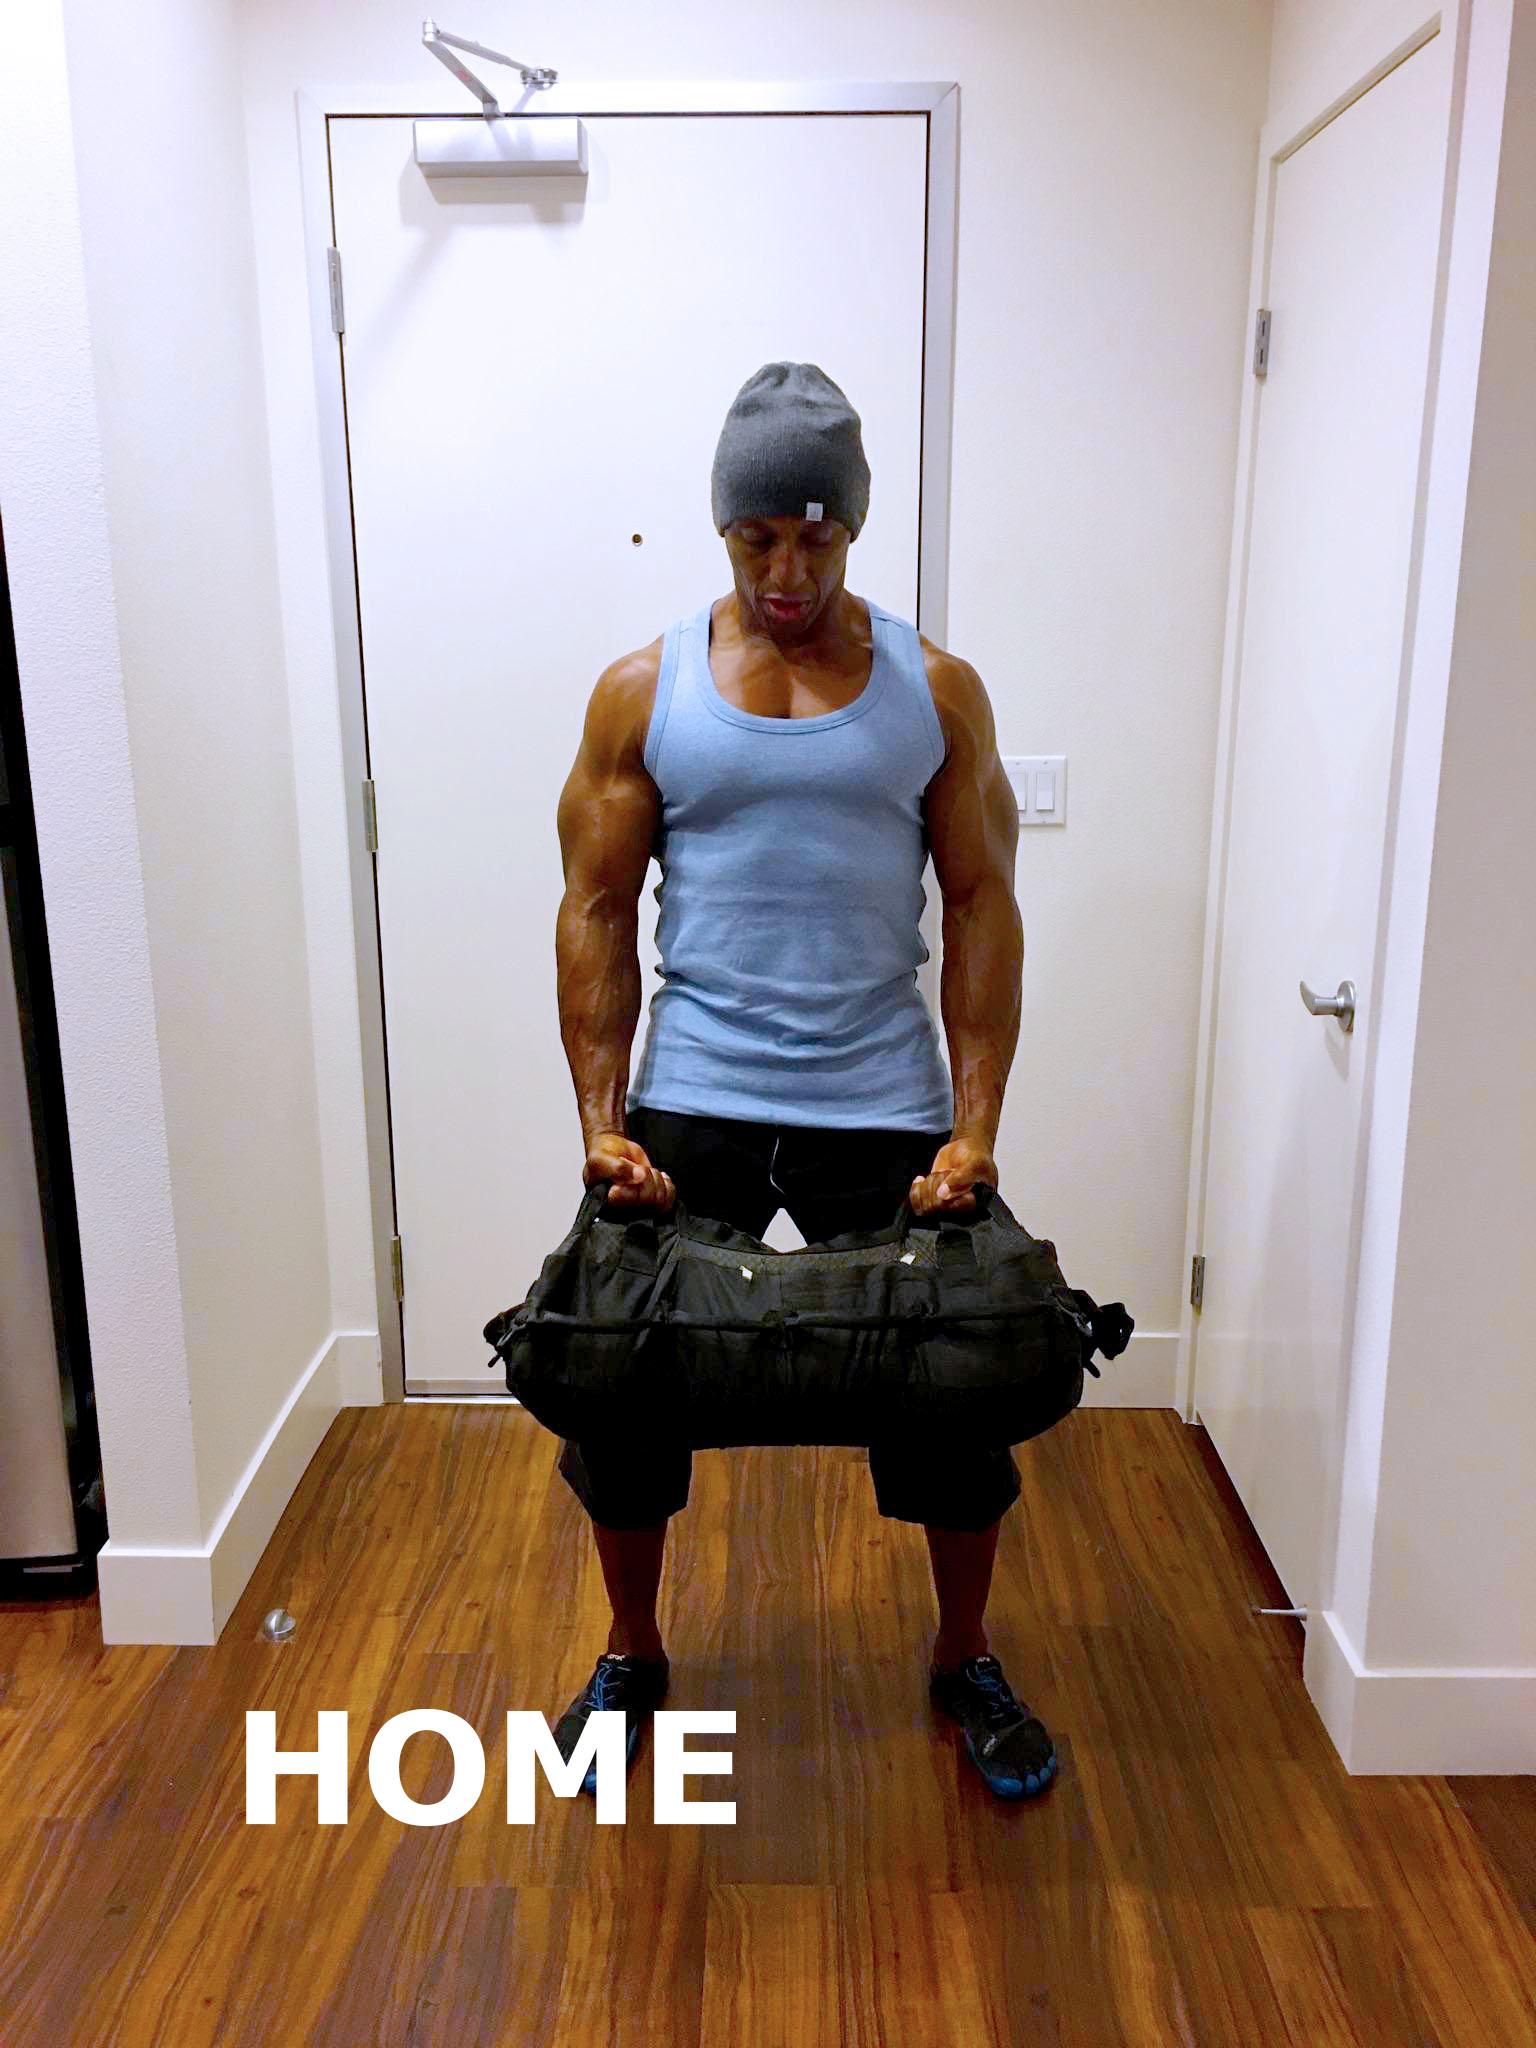 Home2015-11-08 19.57.07 copy.jpg